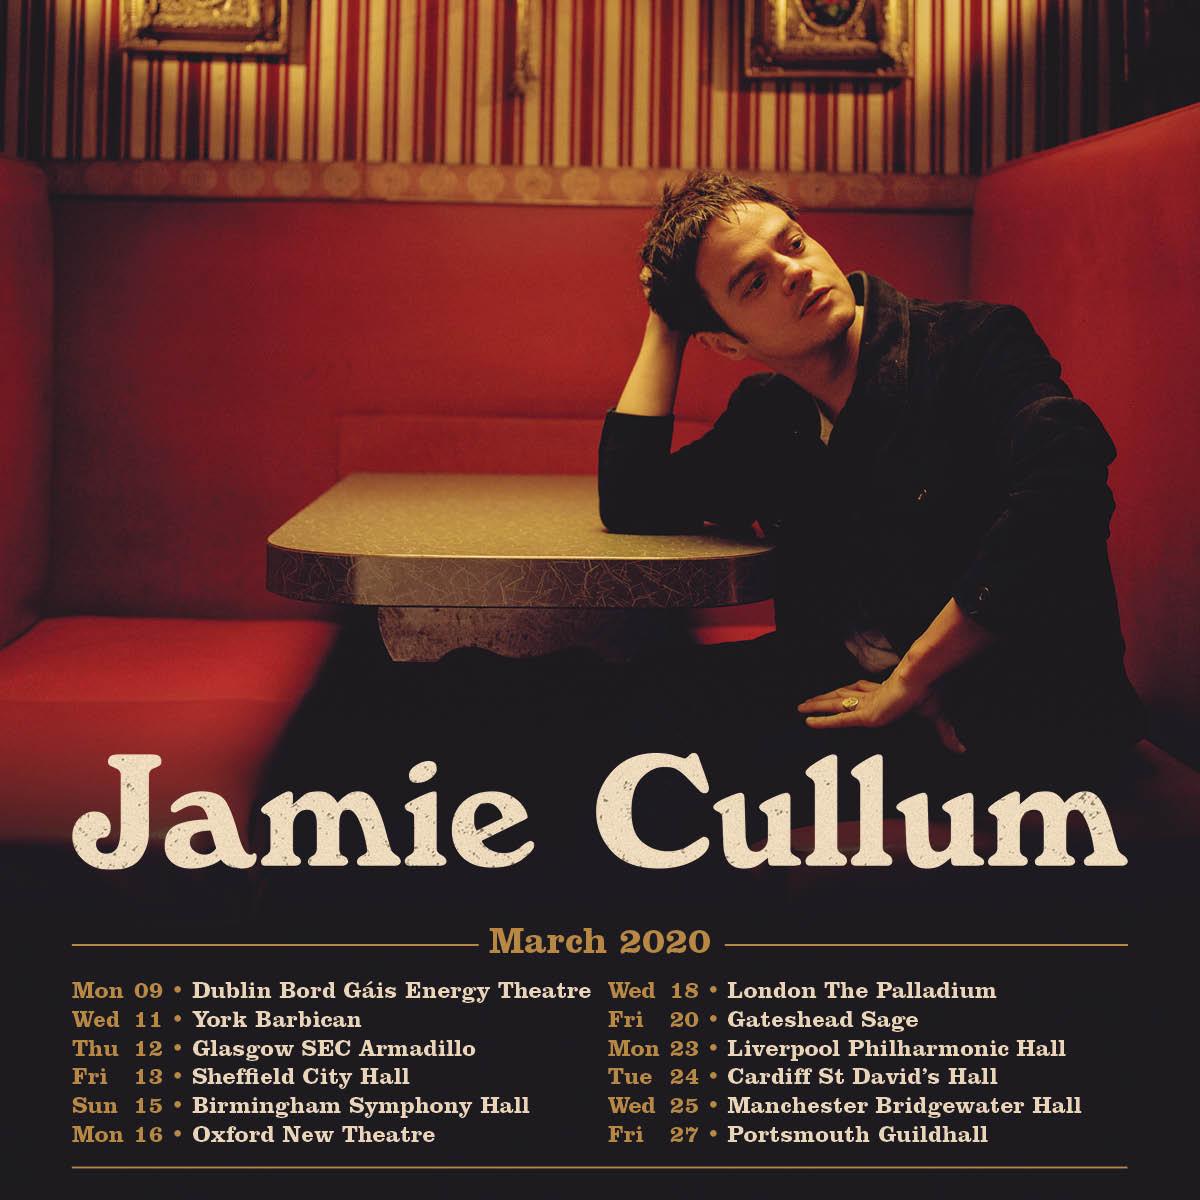 Jamie Cullum Tour 2020